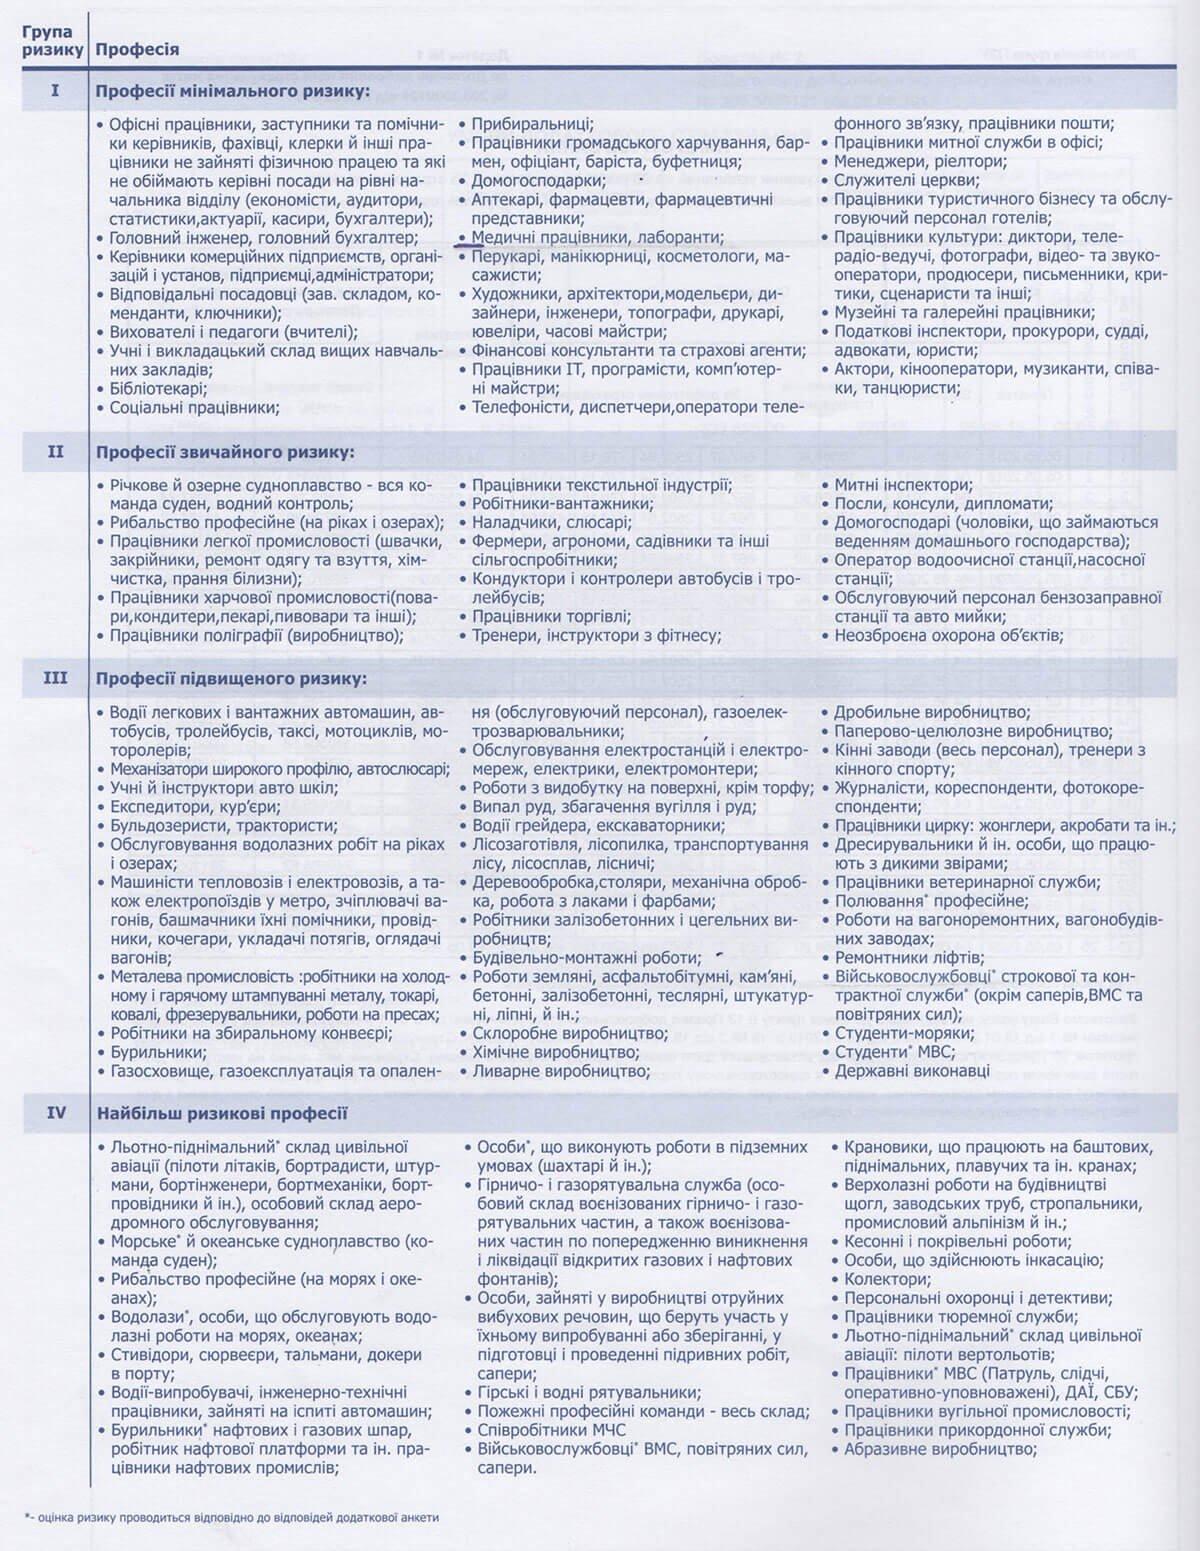 Пример классификации степени рисков в зависимости от профессии